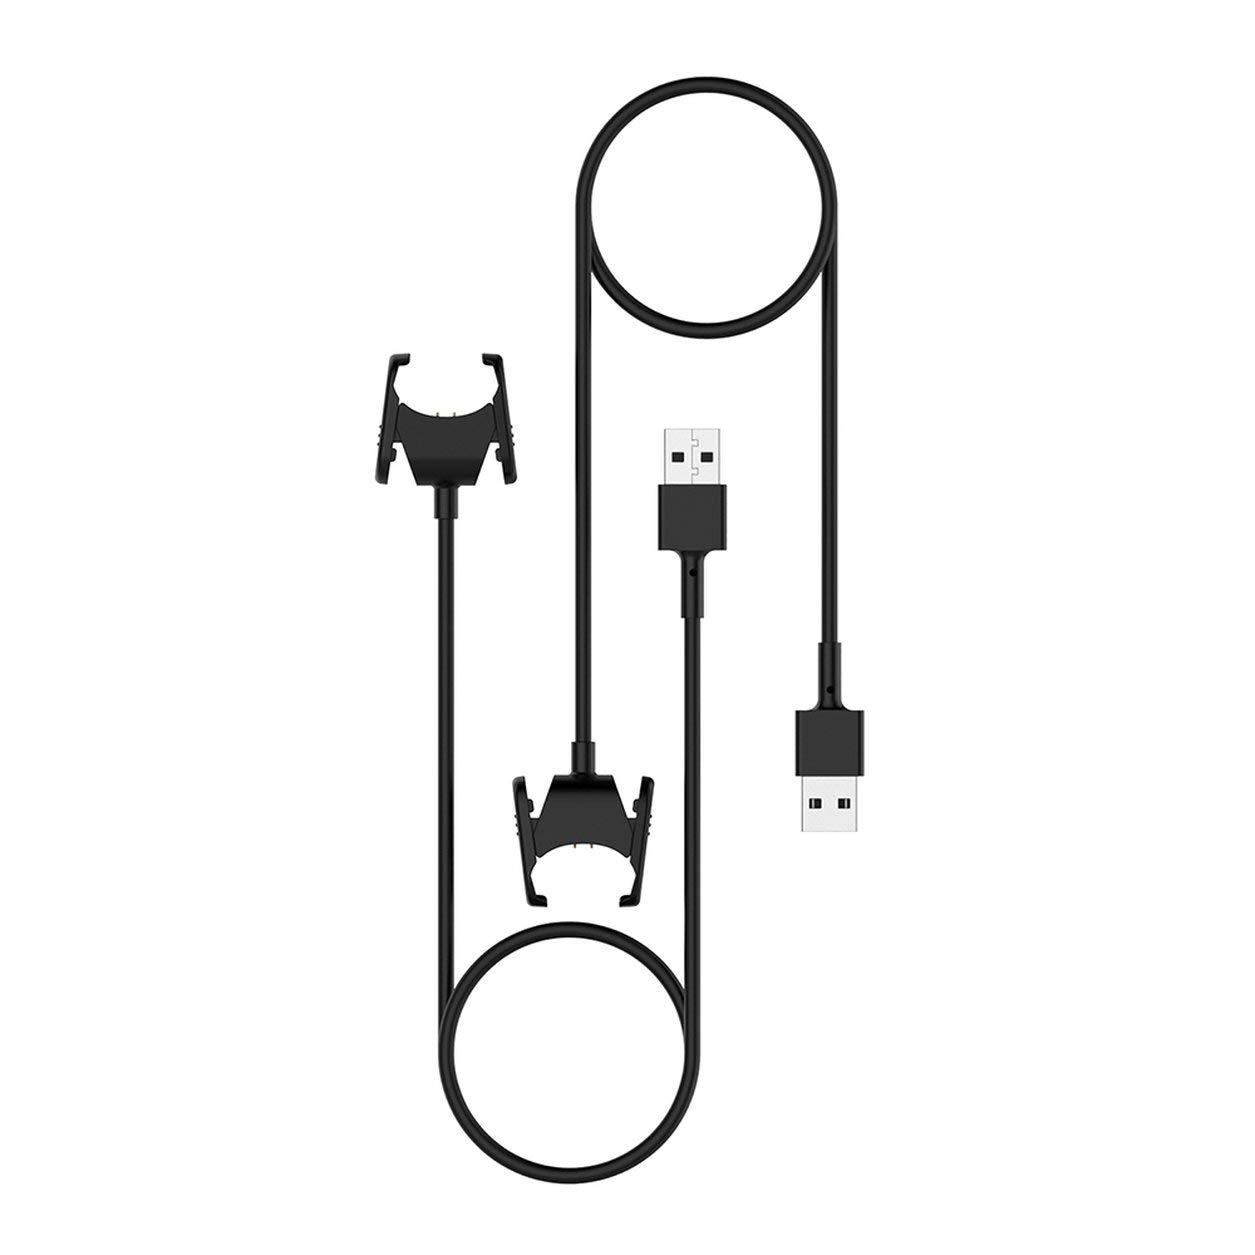 Couleur: Noir Dailyinshop C/âble de Chargeur pour c/âble Fitbit Charge 3 USB avec Cordon de Charge Clip Dock pour Bracelet Fitbit Charge3 Fitness Tracker